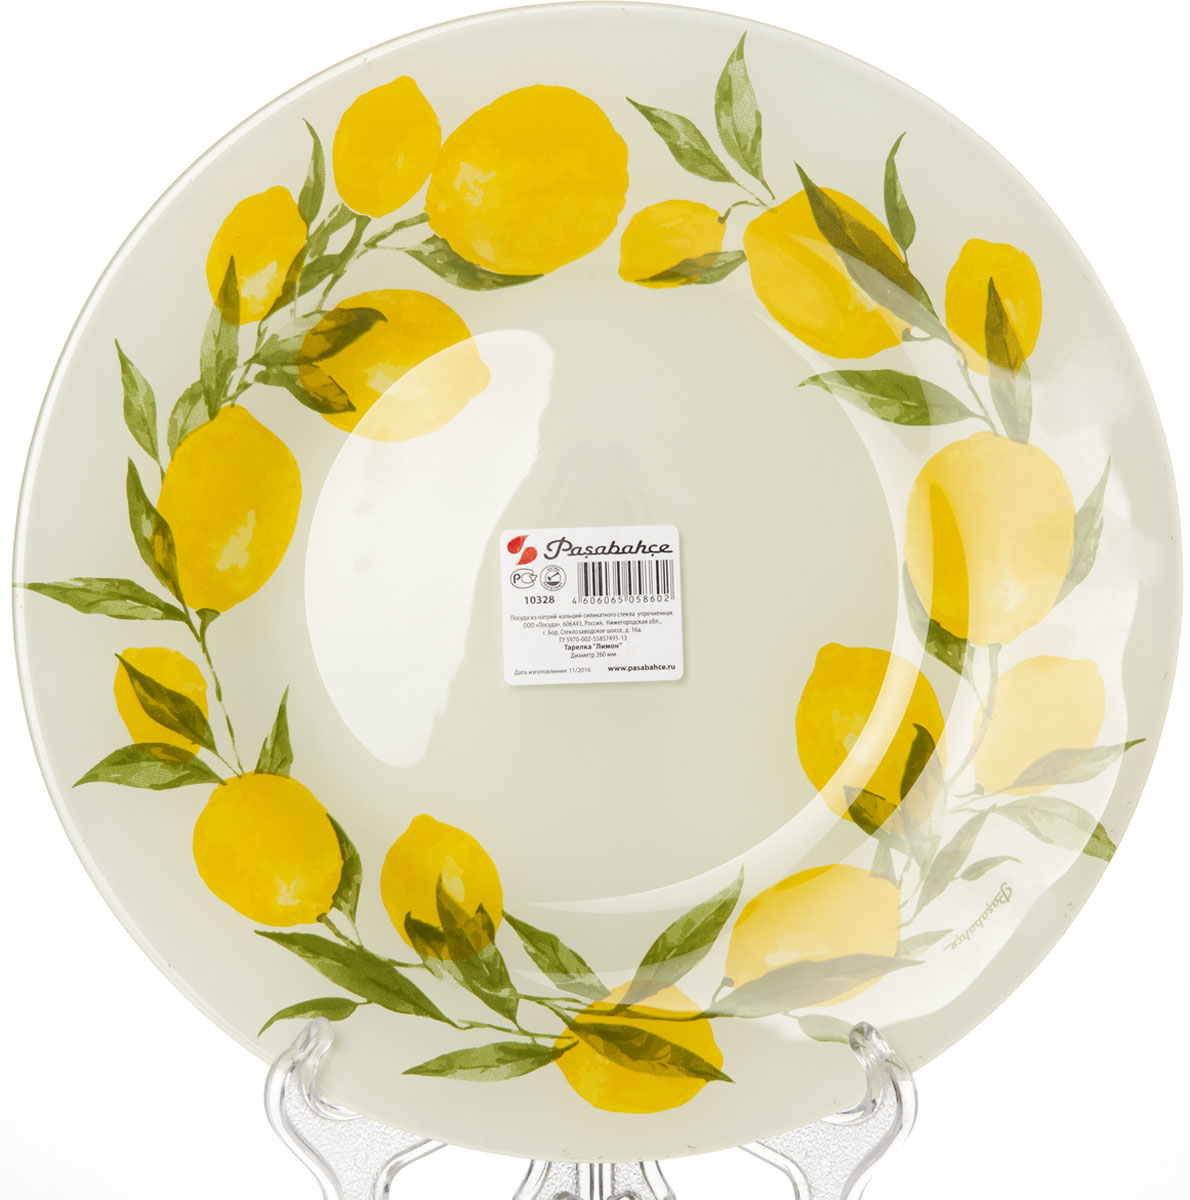 Тарелка Pasabahce Лимон, диаметр 26 см10328SLBD36Тарелка Pasabahce Лимон выполнена из качественного стекла и украшена рисунком. Тарелка прекрасно подойдет в качестве сервировочного блюда для фруктов, десертов, закусок, торта и другого. Изящная тарелка прекрасно оформит праздничный стол и порадует вас и ваших гостей изысканным дизайном и формой.Диаметр тарелки: 26 см.